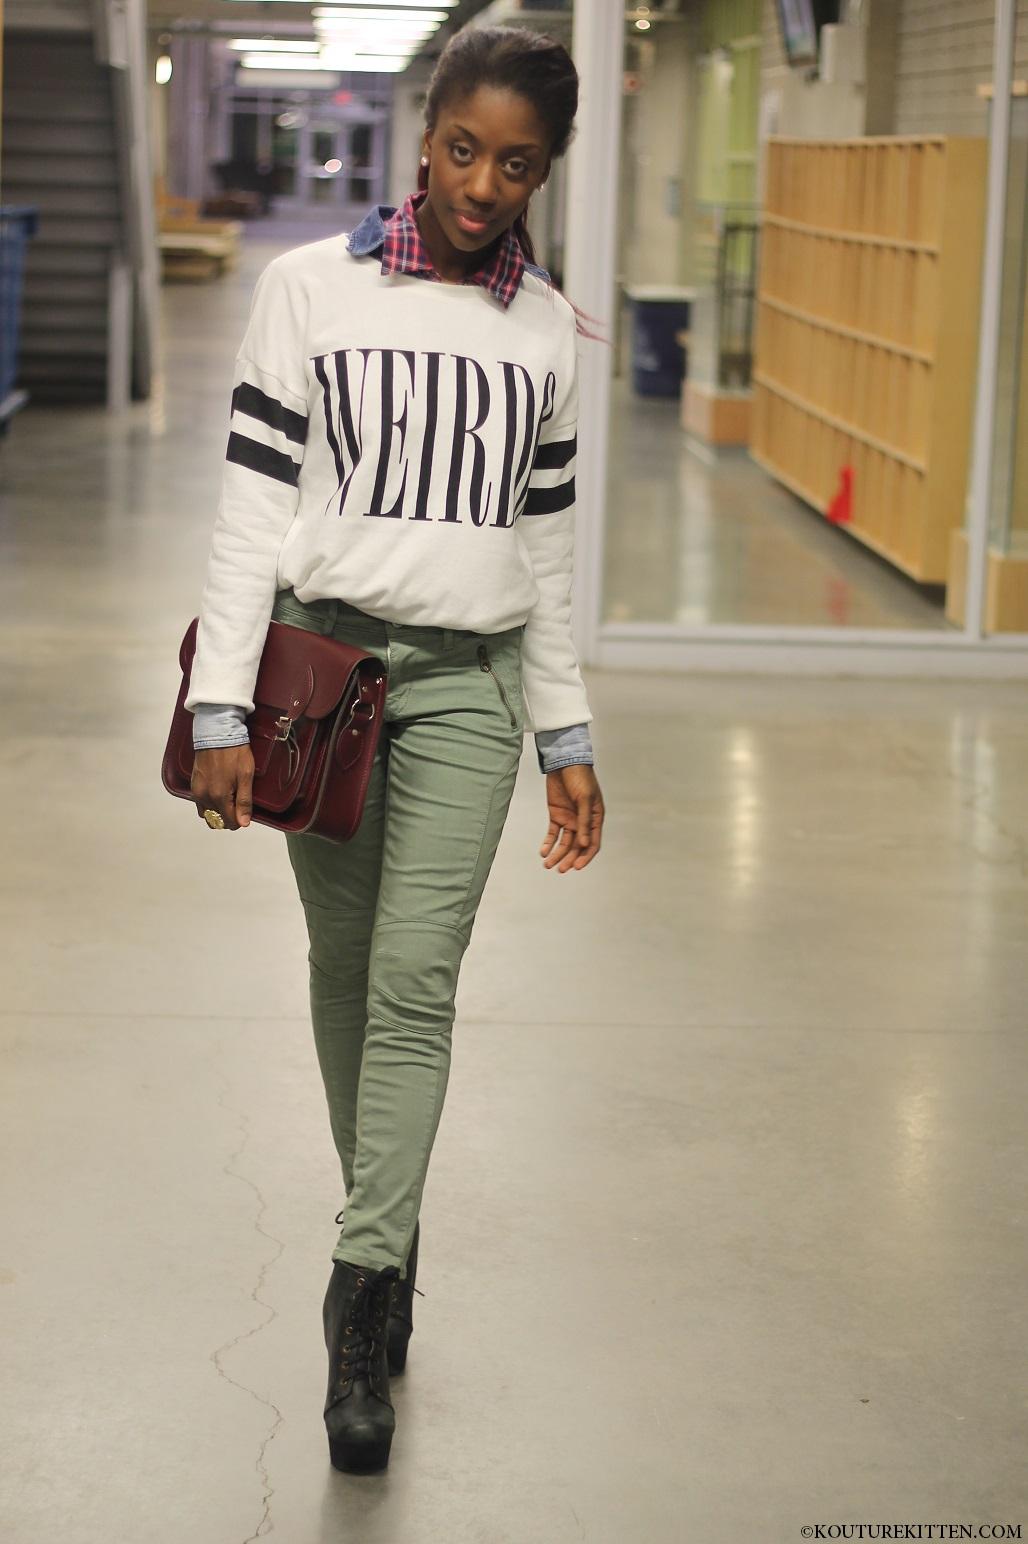 wierdo sweater 3